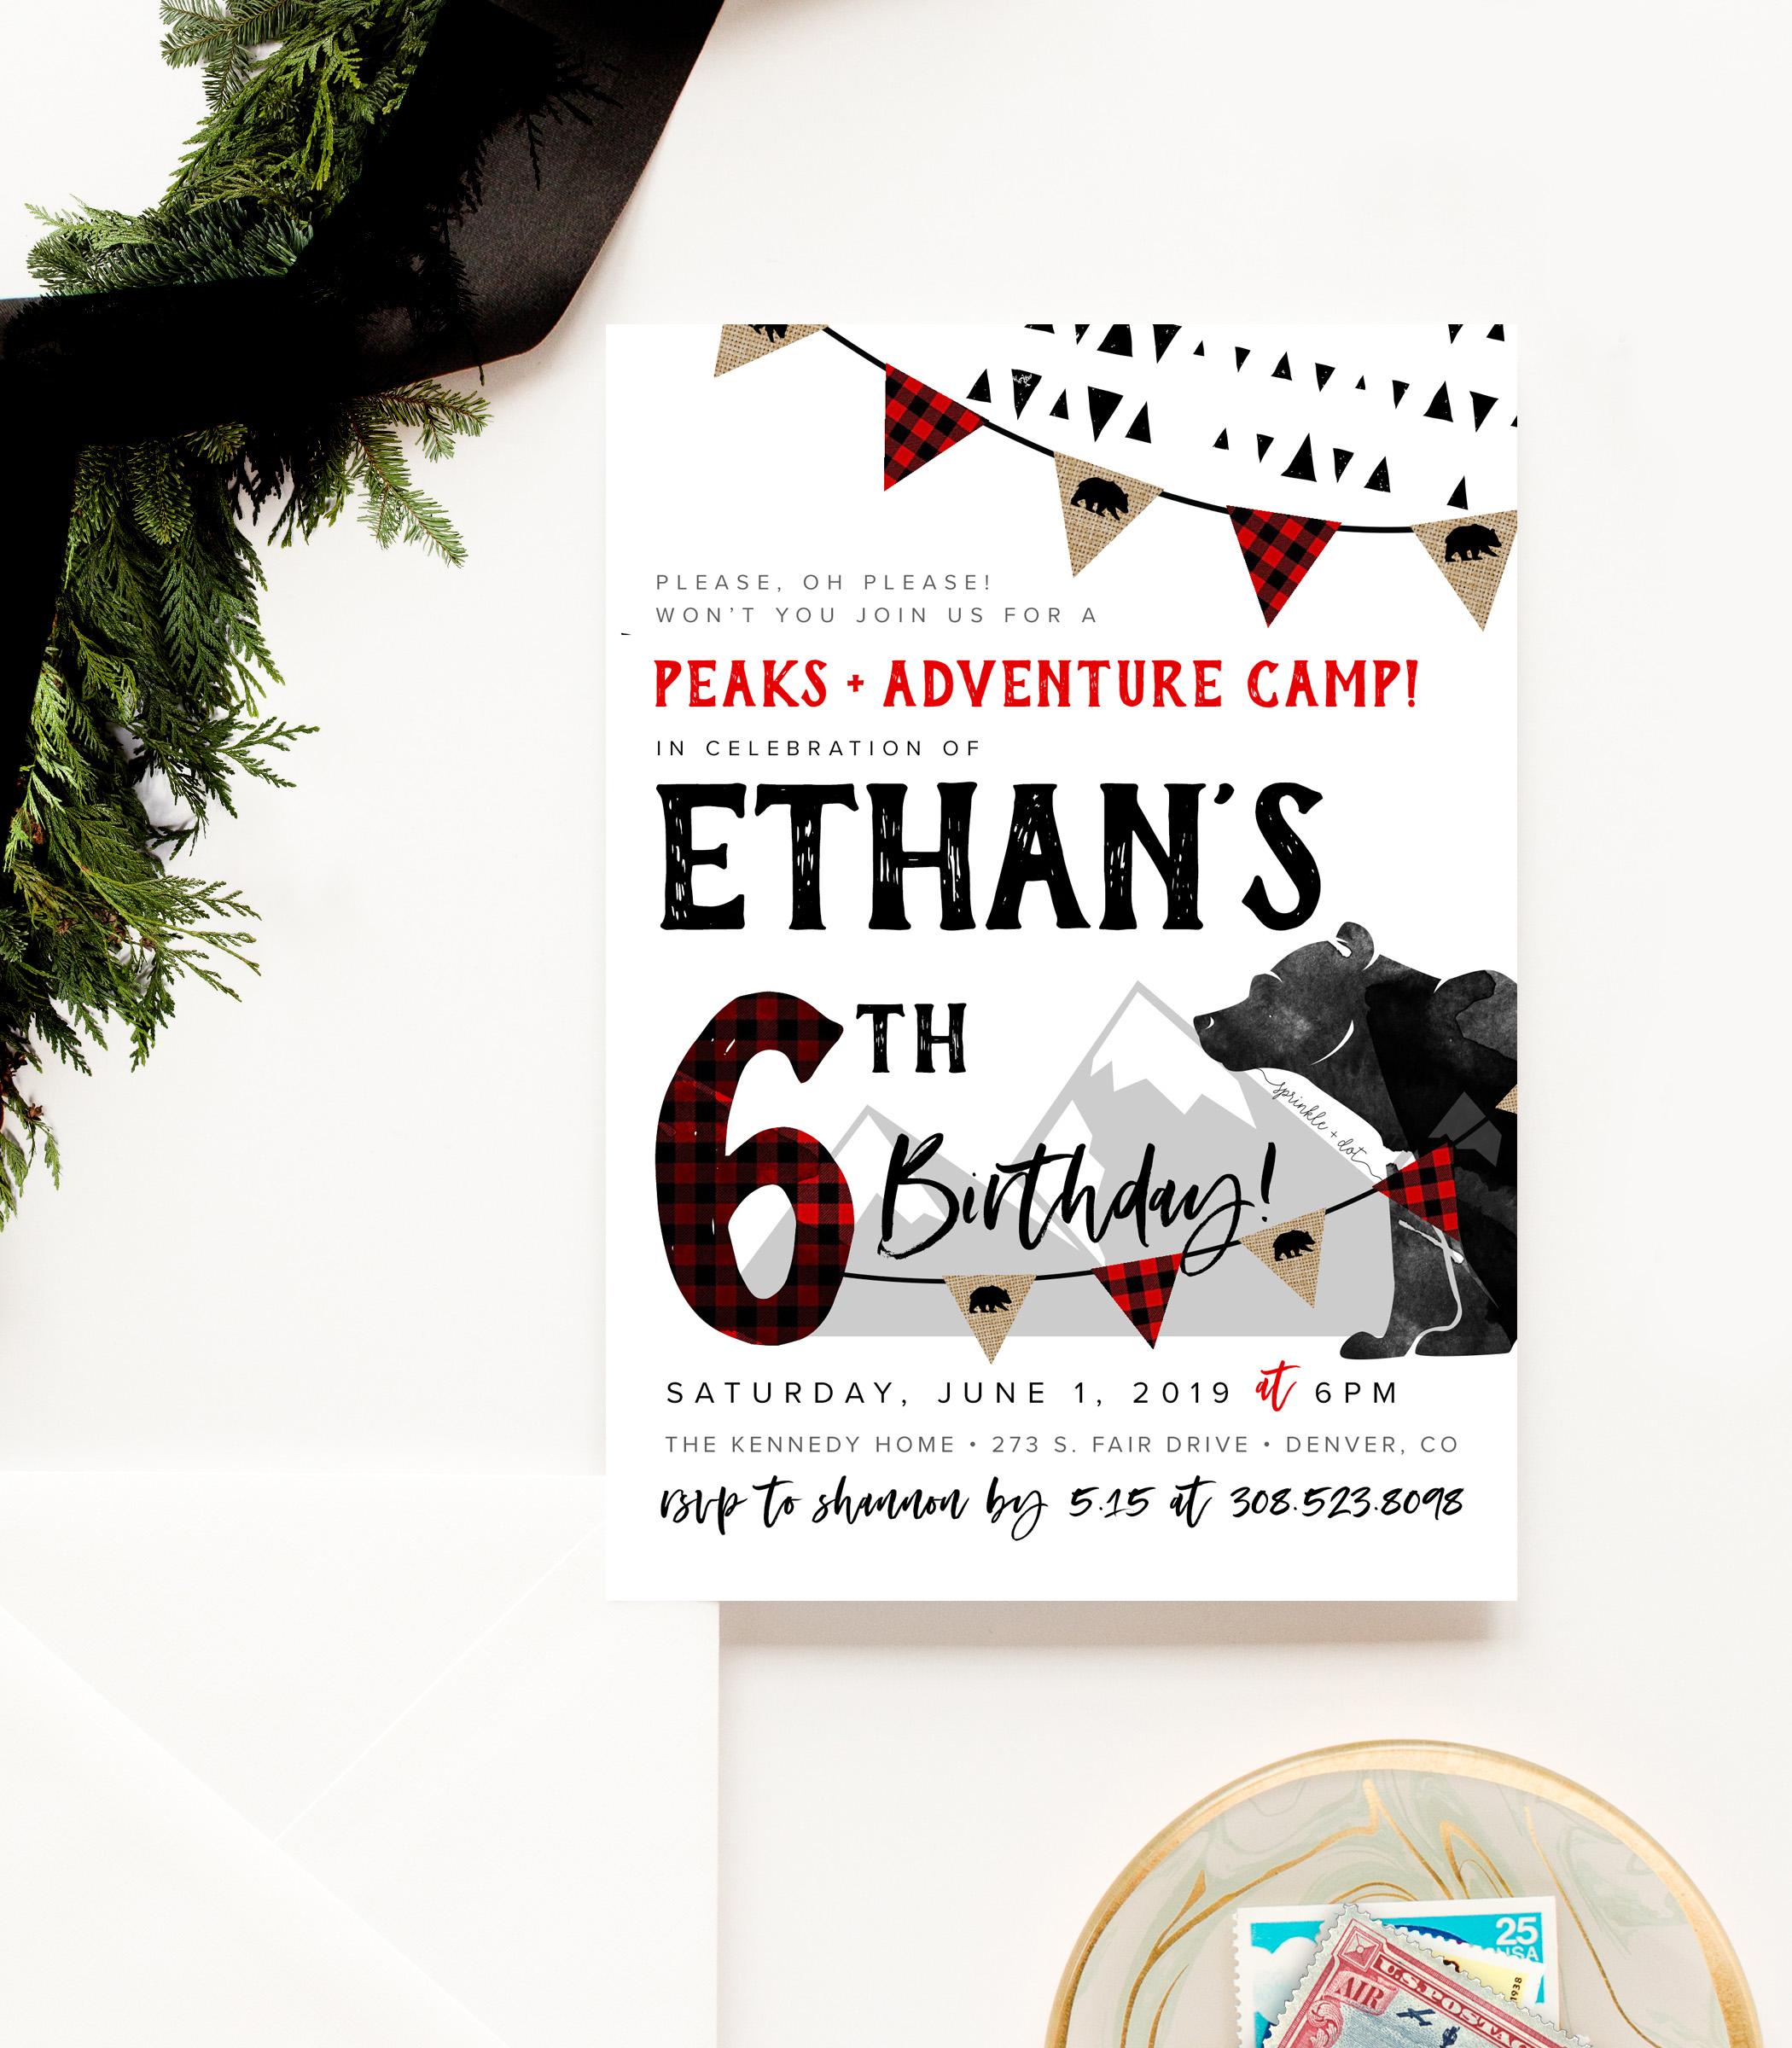 custom printed invitations     $50